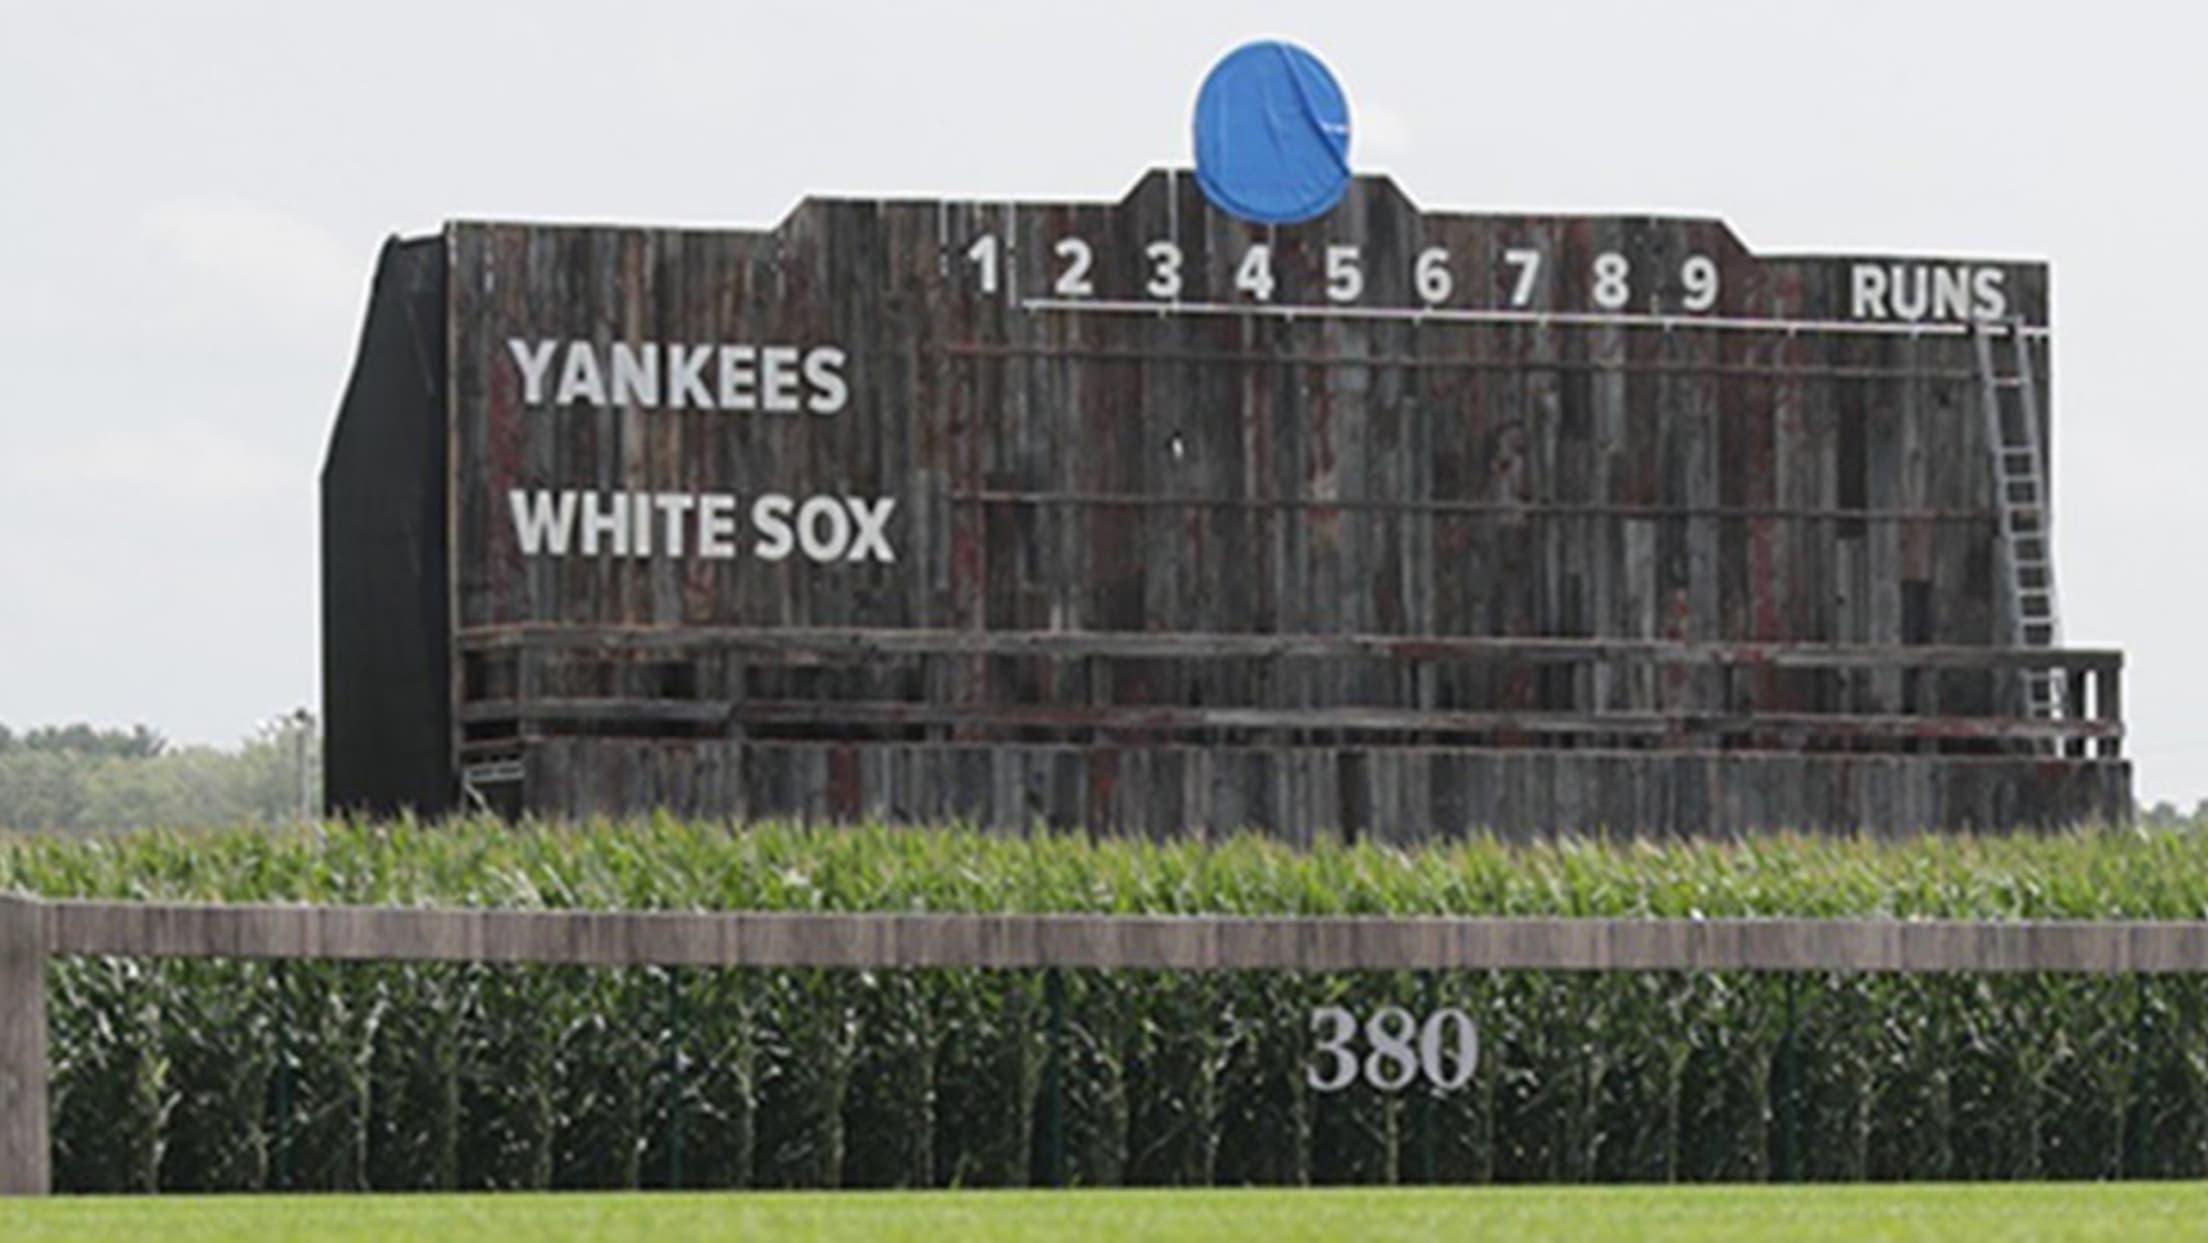 2668 2 Field of Dreams scoreboard 081221